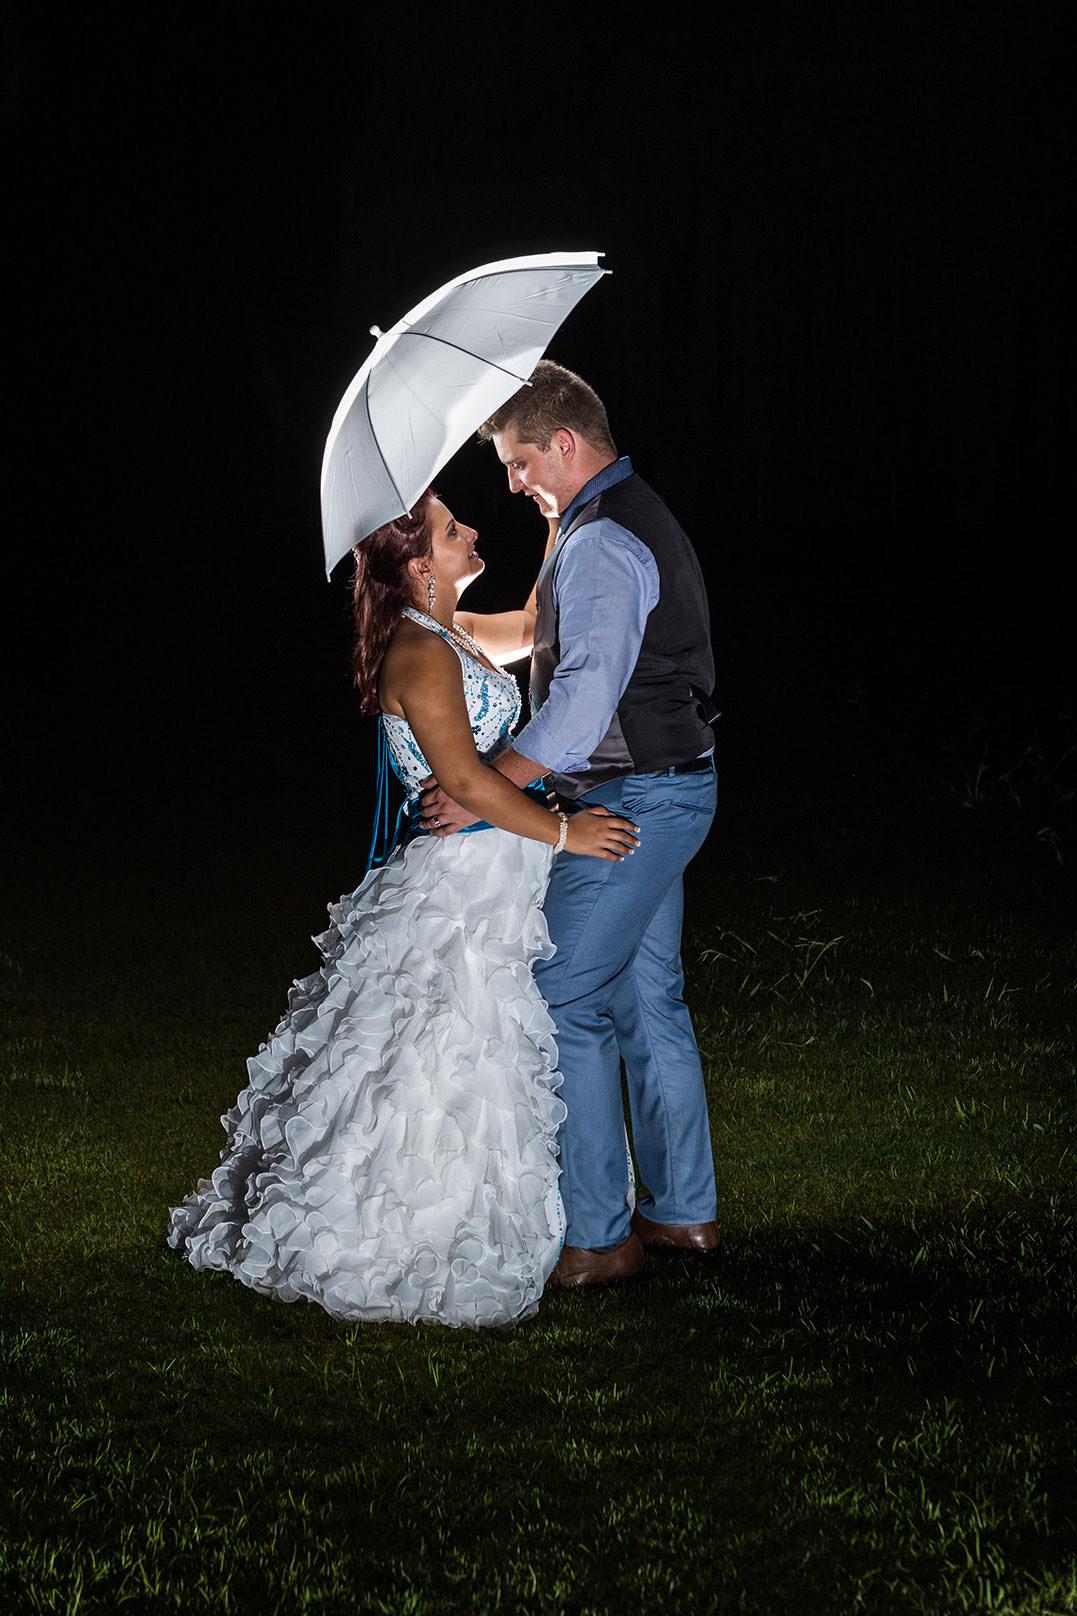 wedding - jean & shani - Jean Shani 63 - Wedding photography – Jean & Shani